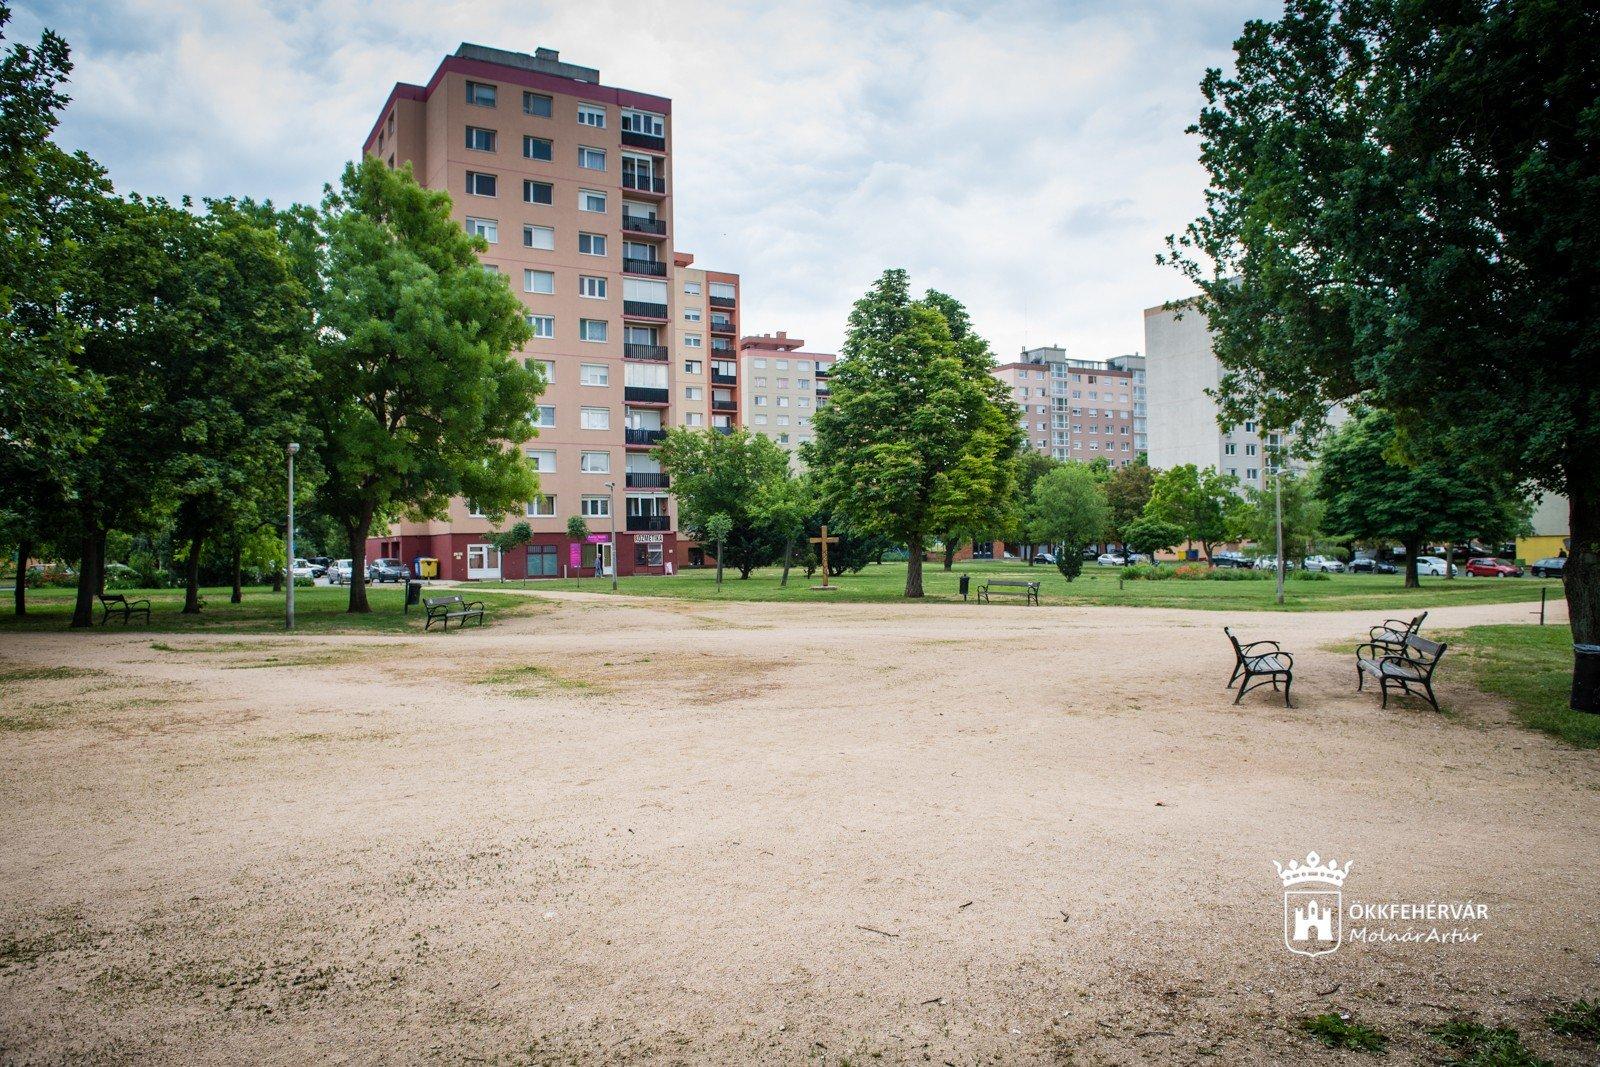 Szökőkút, több fa és új virágágyások - kezdődik a parképítés Székesfehérváron